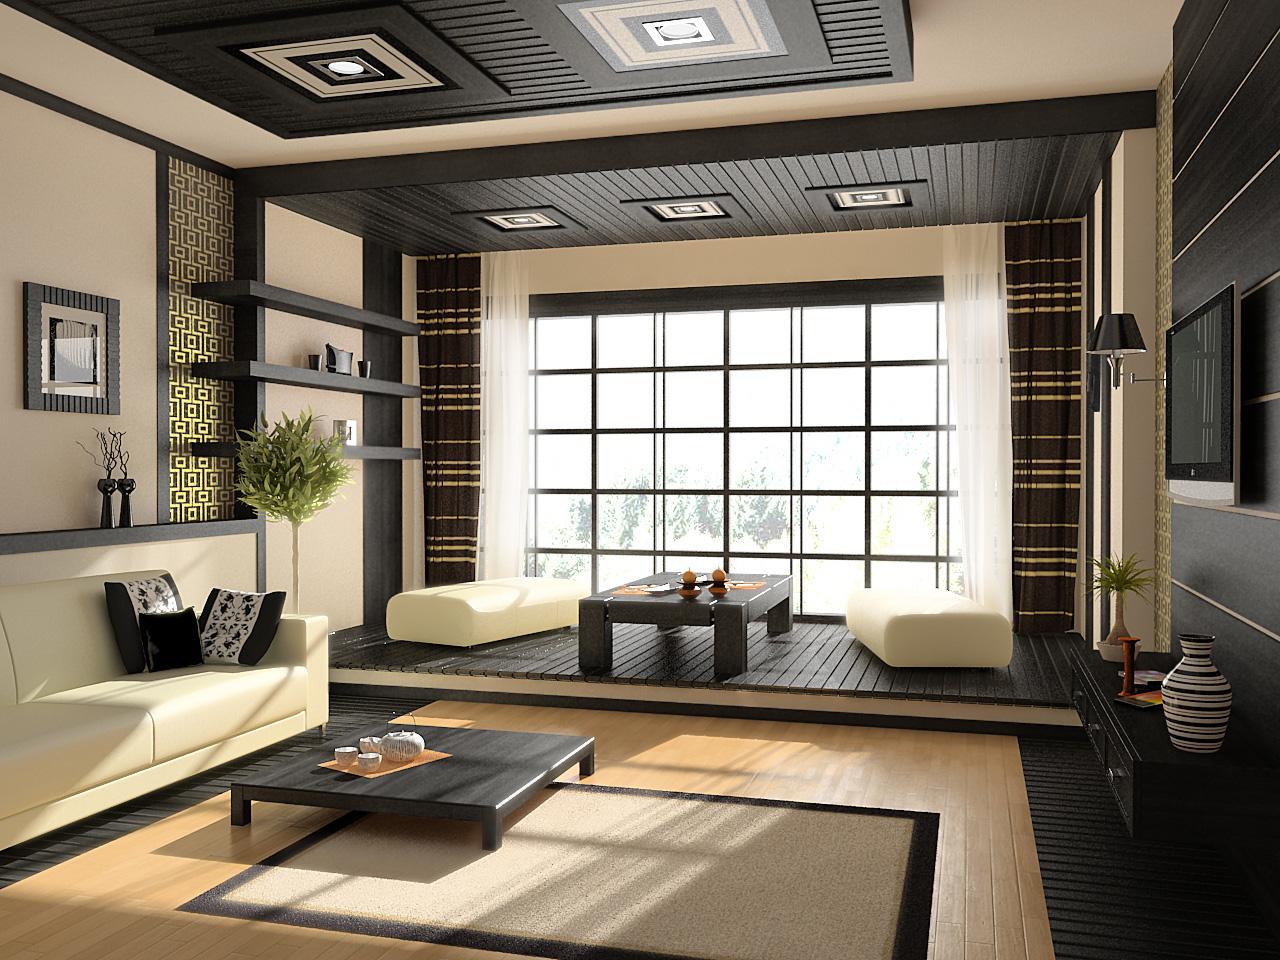 Дизайн квартиры студии 30 кв. м. Фото